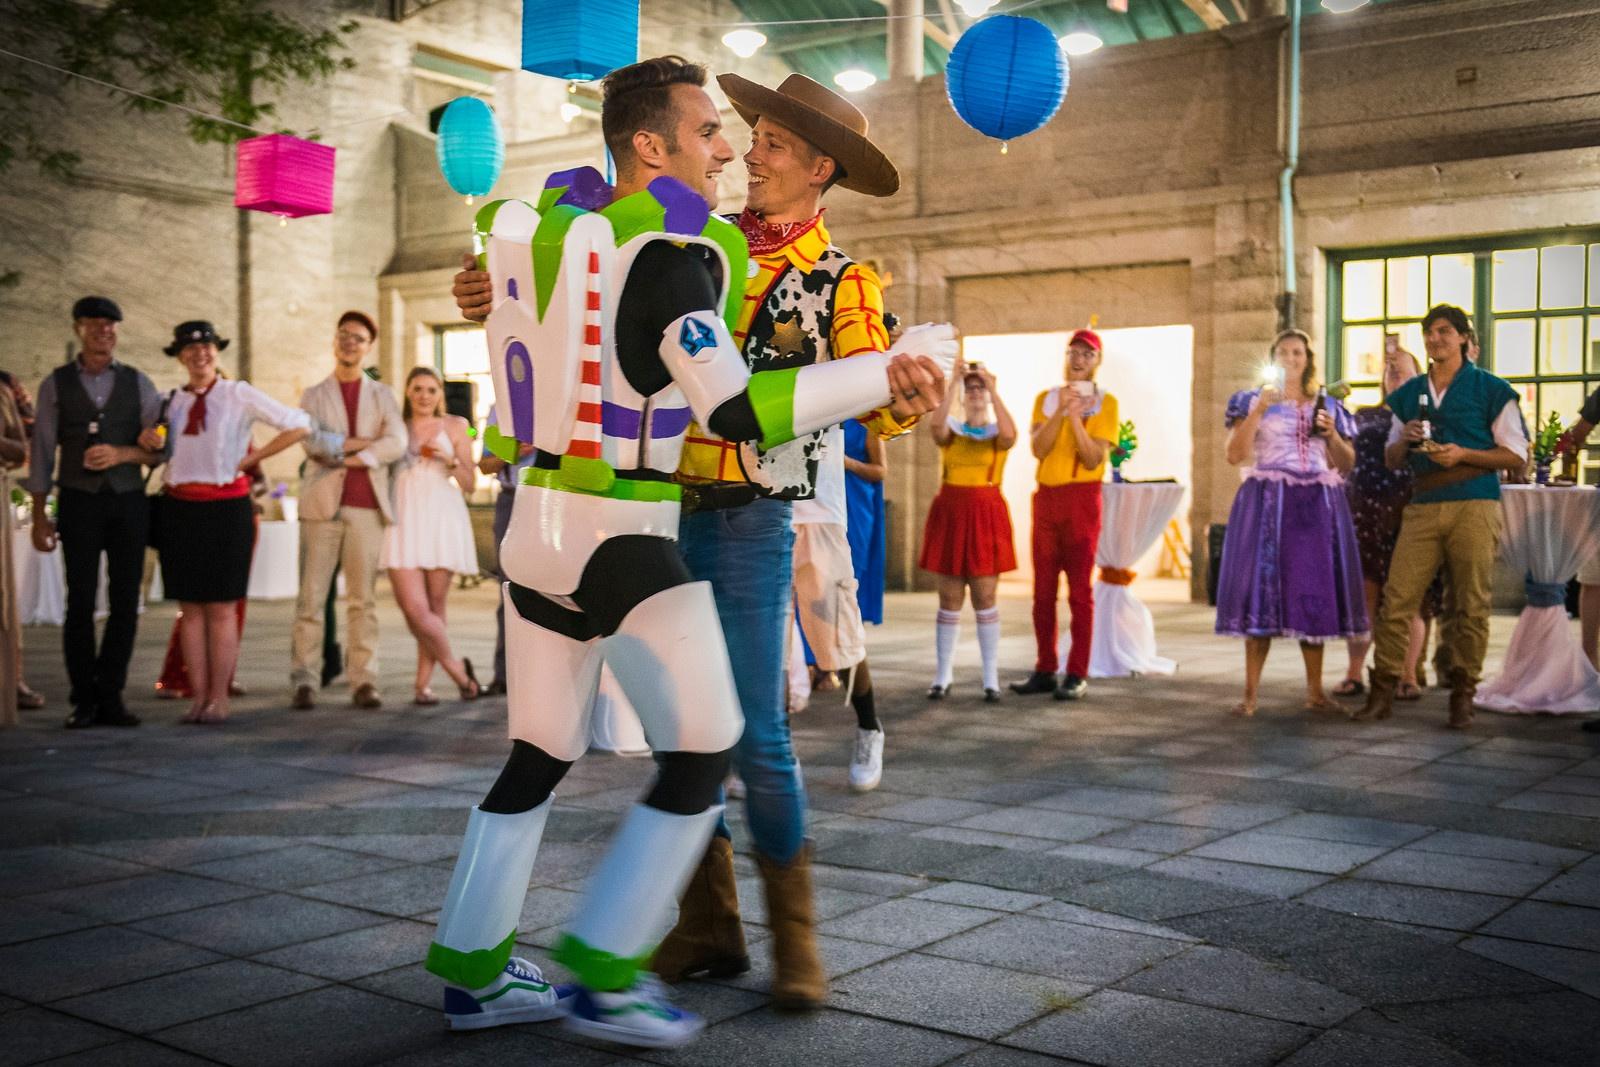 Buzz Astral I Chudy Wzięli ślub Disneyowski ślub Pary Gejów